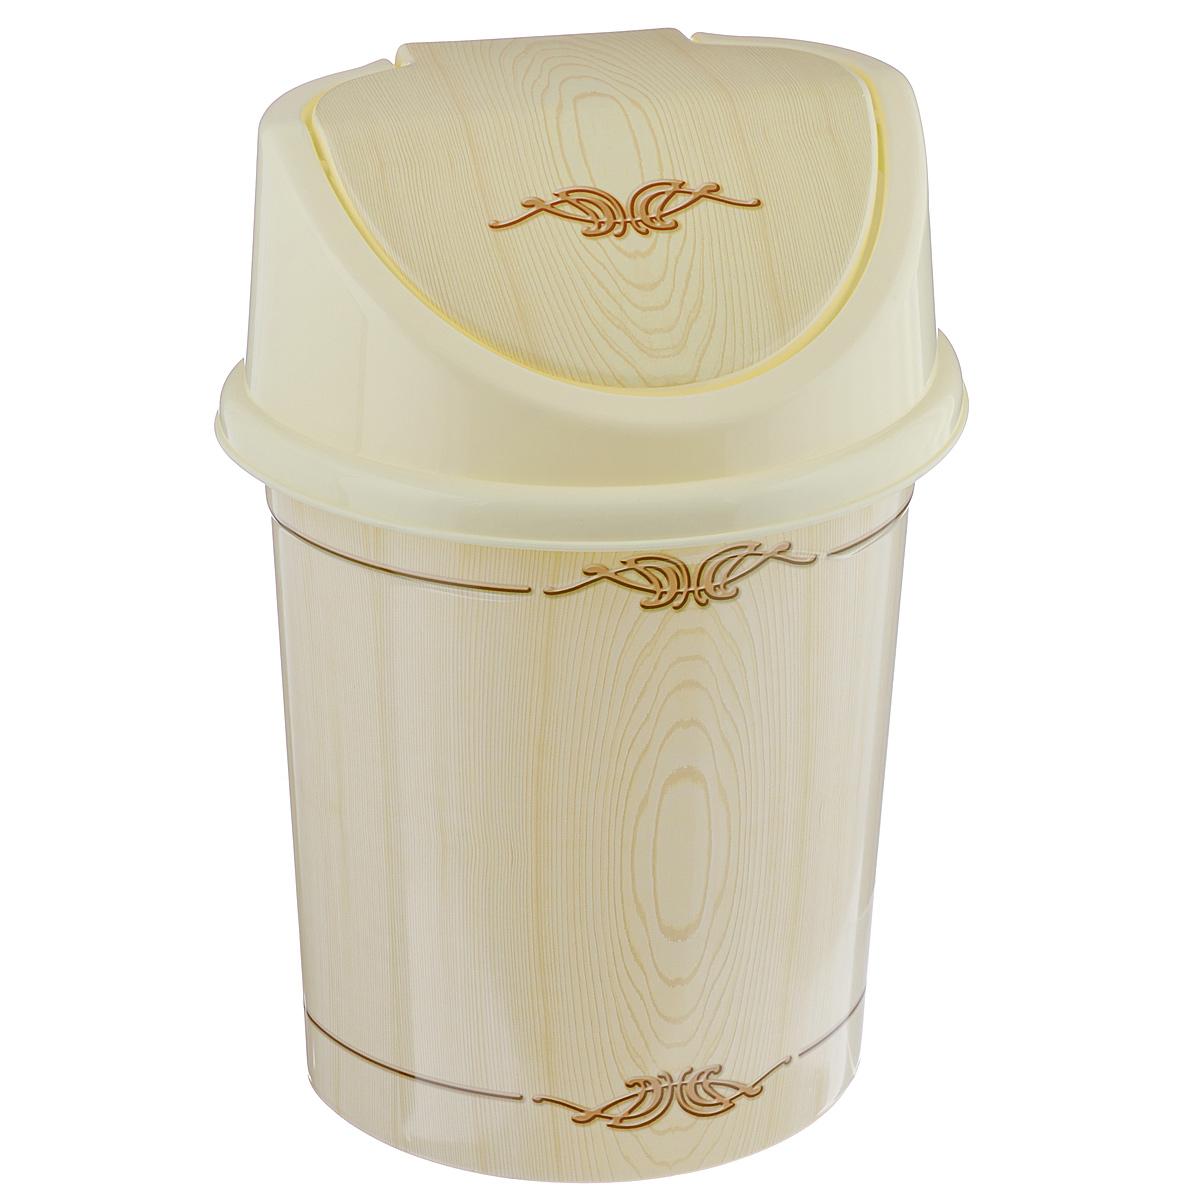 Контейнер для мусора Violet Беленый дуб, цвет: слоновая кость, коричневый, 4 л0404/91Контейнер для мусора Violet Беленый дуб изготовлен из прочного пластика. Контейнер снабжен удобной съемной крышкой с подвижной перегородкой. В нем удобно хранить мелкий мусор. Благодаря лаконичному дизайну такой контейнер идеально впишется в интерьер и дома, и офиса. Размер изделия: 16 см x 20 см x 27 см.